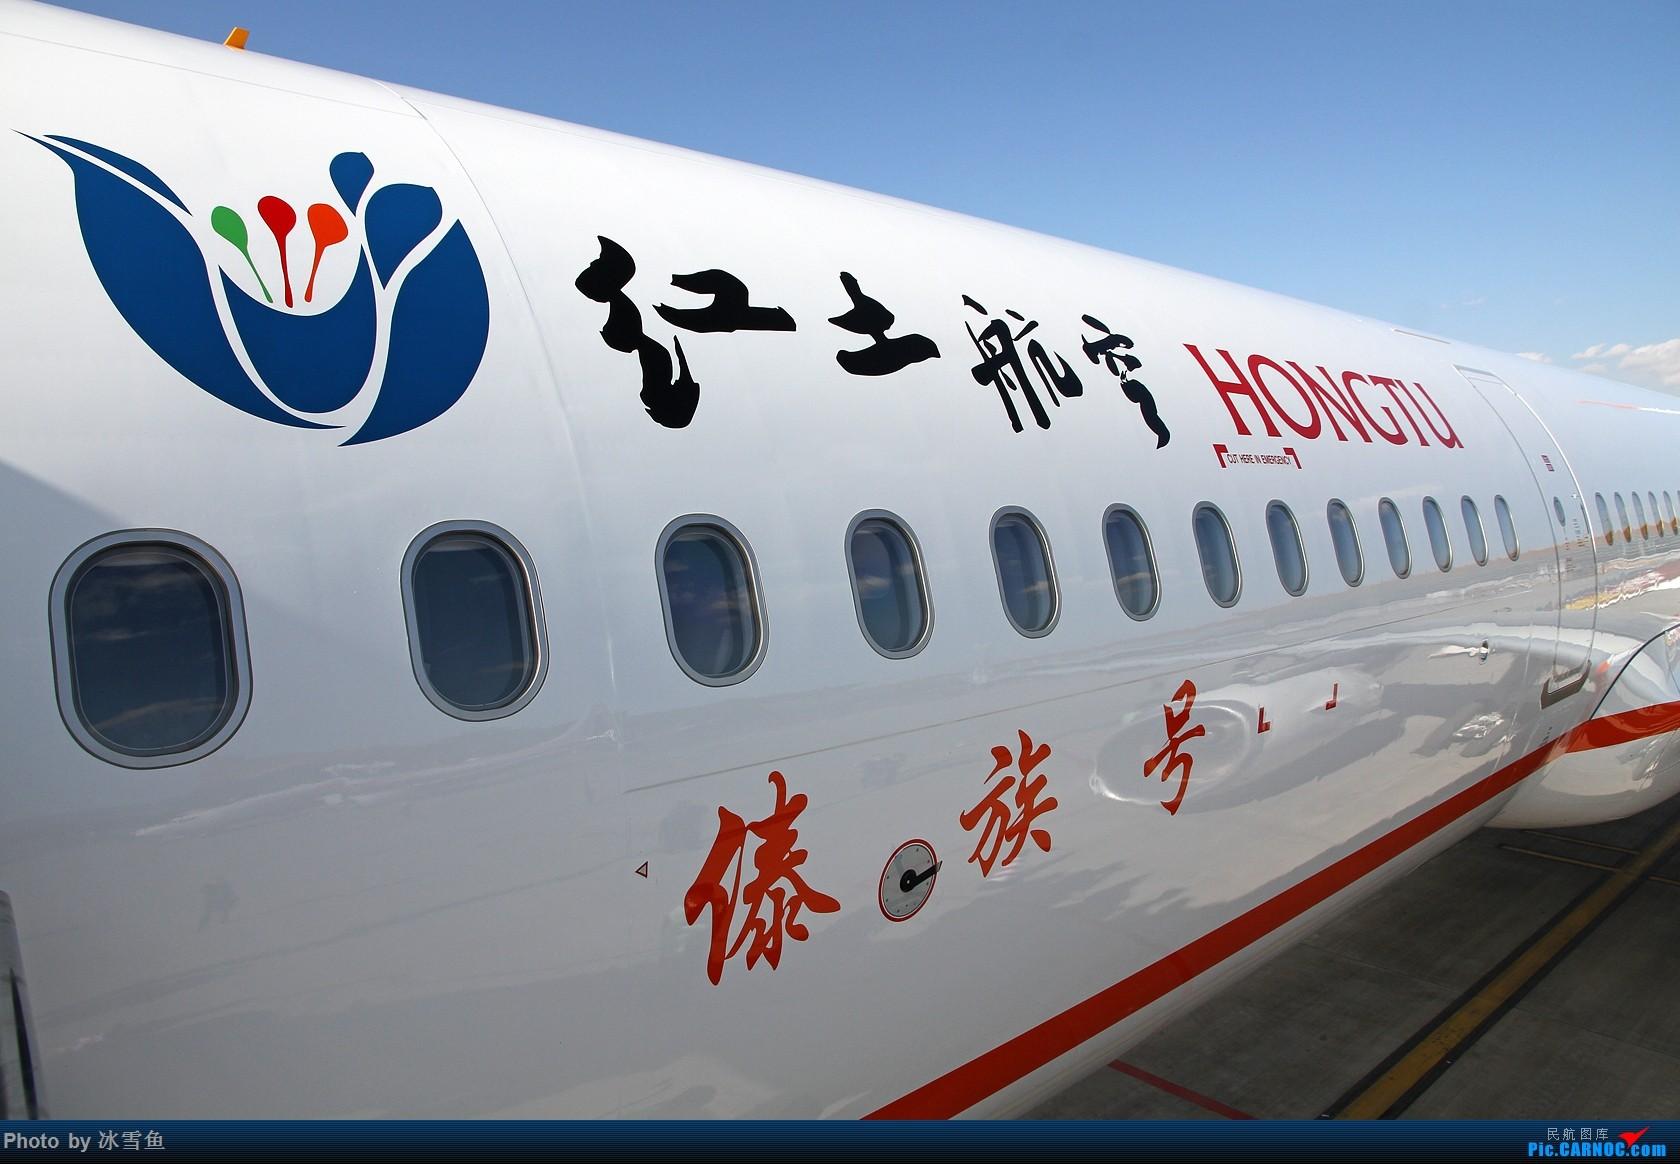 Re:[BLDDQ-昆明飞友会]红土航空首航没拍,刨几张老图应景! AIRBUS A321-200 B-8285 中国昆明长水国际机场